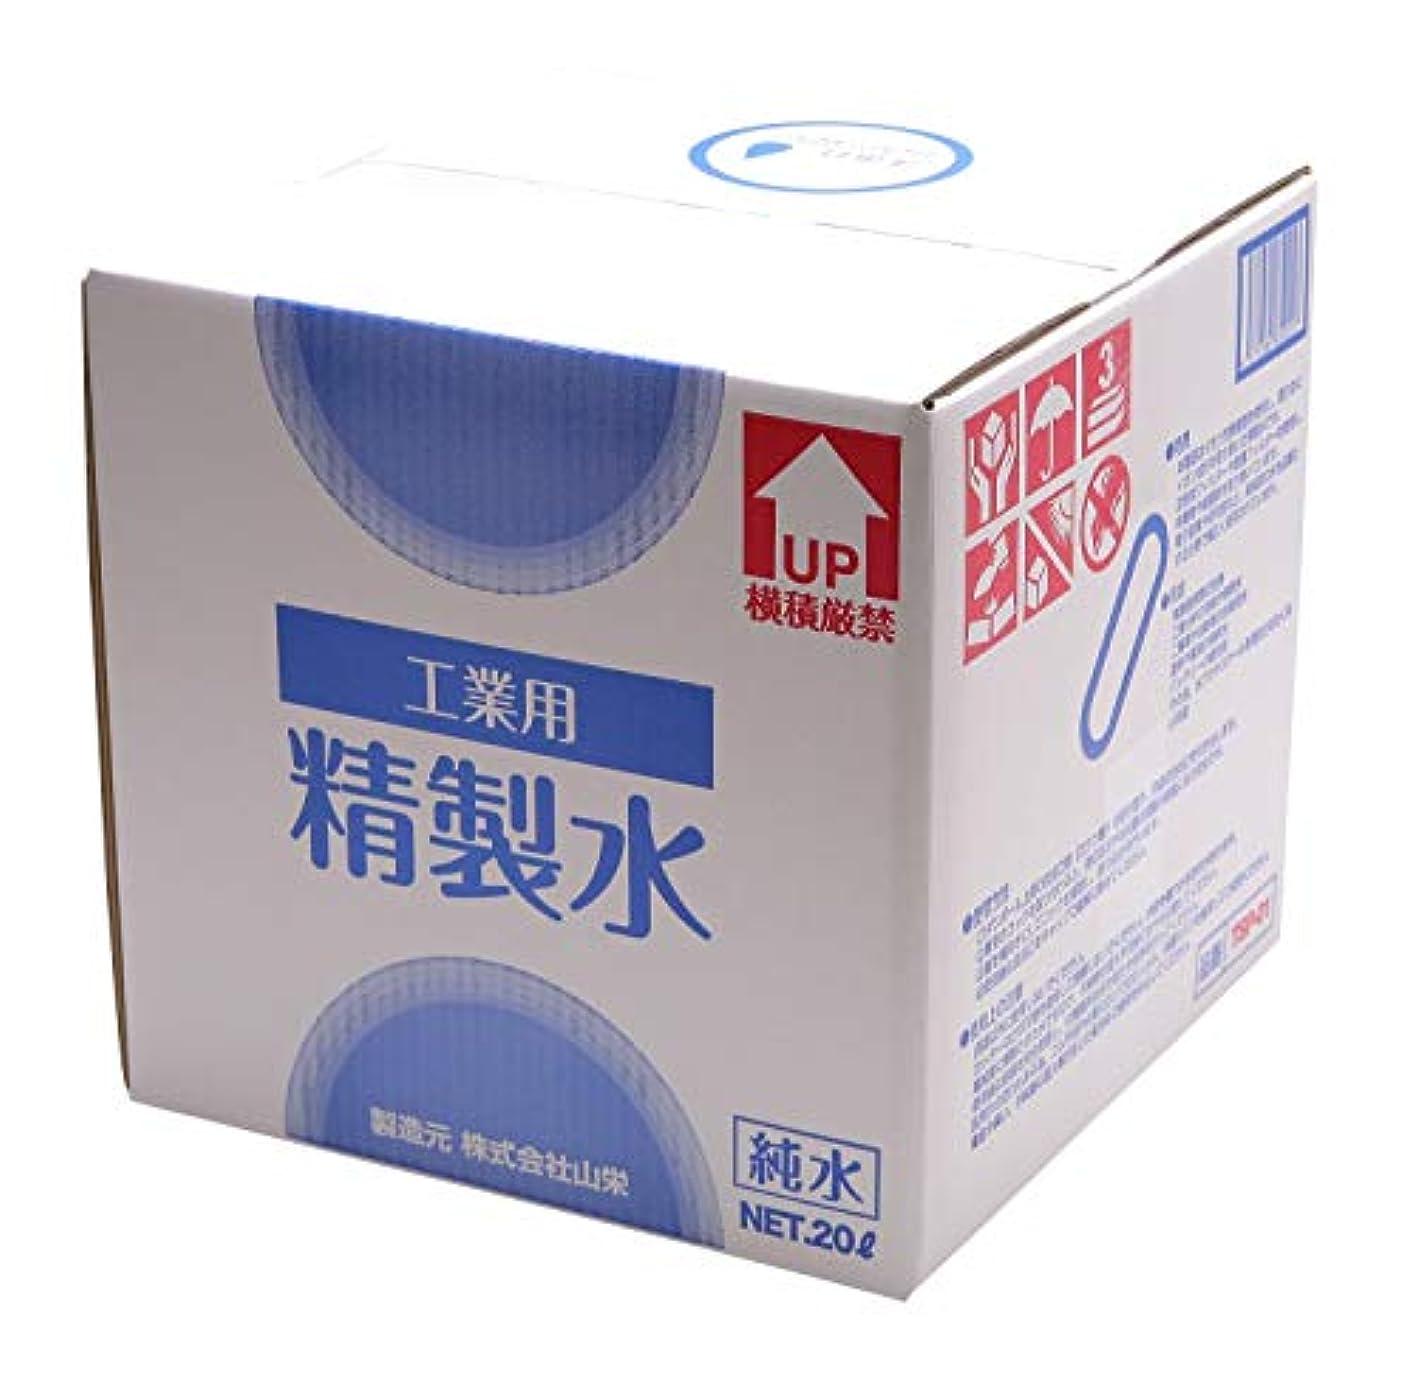 デッド謙虚性差別サンエイ化学 工業用精製水 純水 20L×1箱 コックなし 【スチーマー 加湿器 オートクレーブ エステ 美容 歯科】